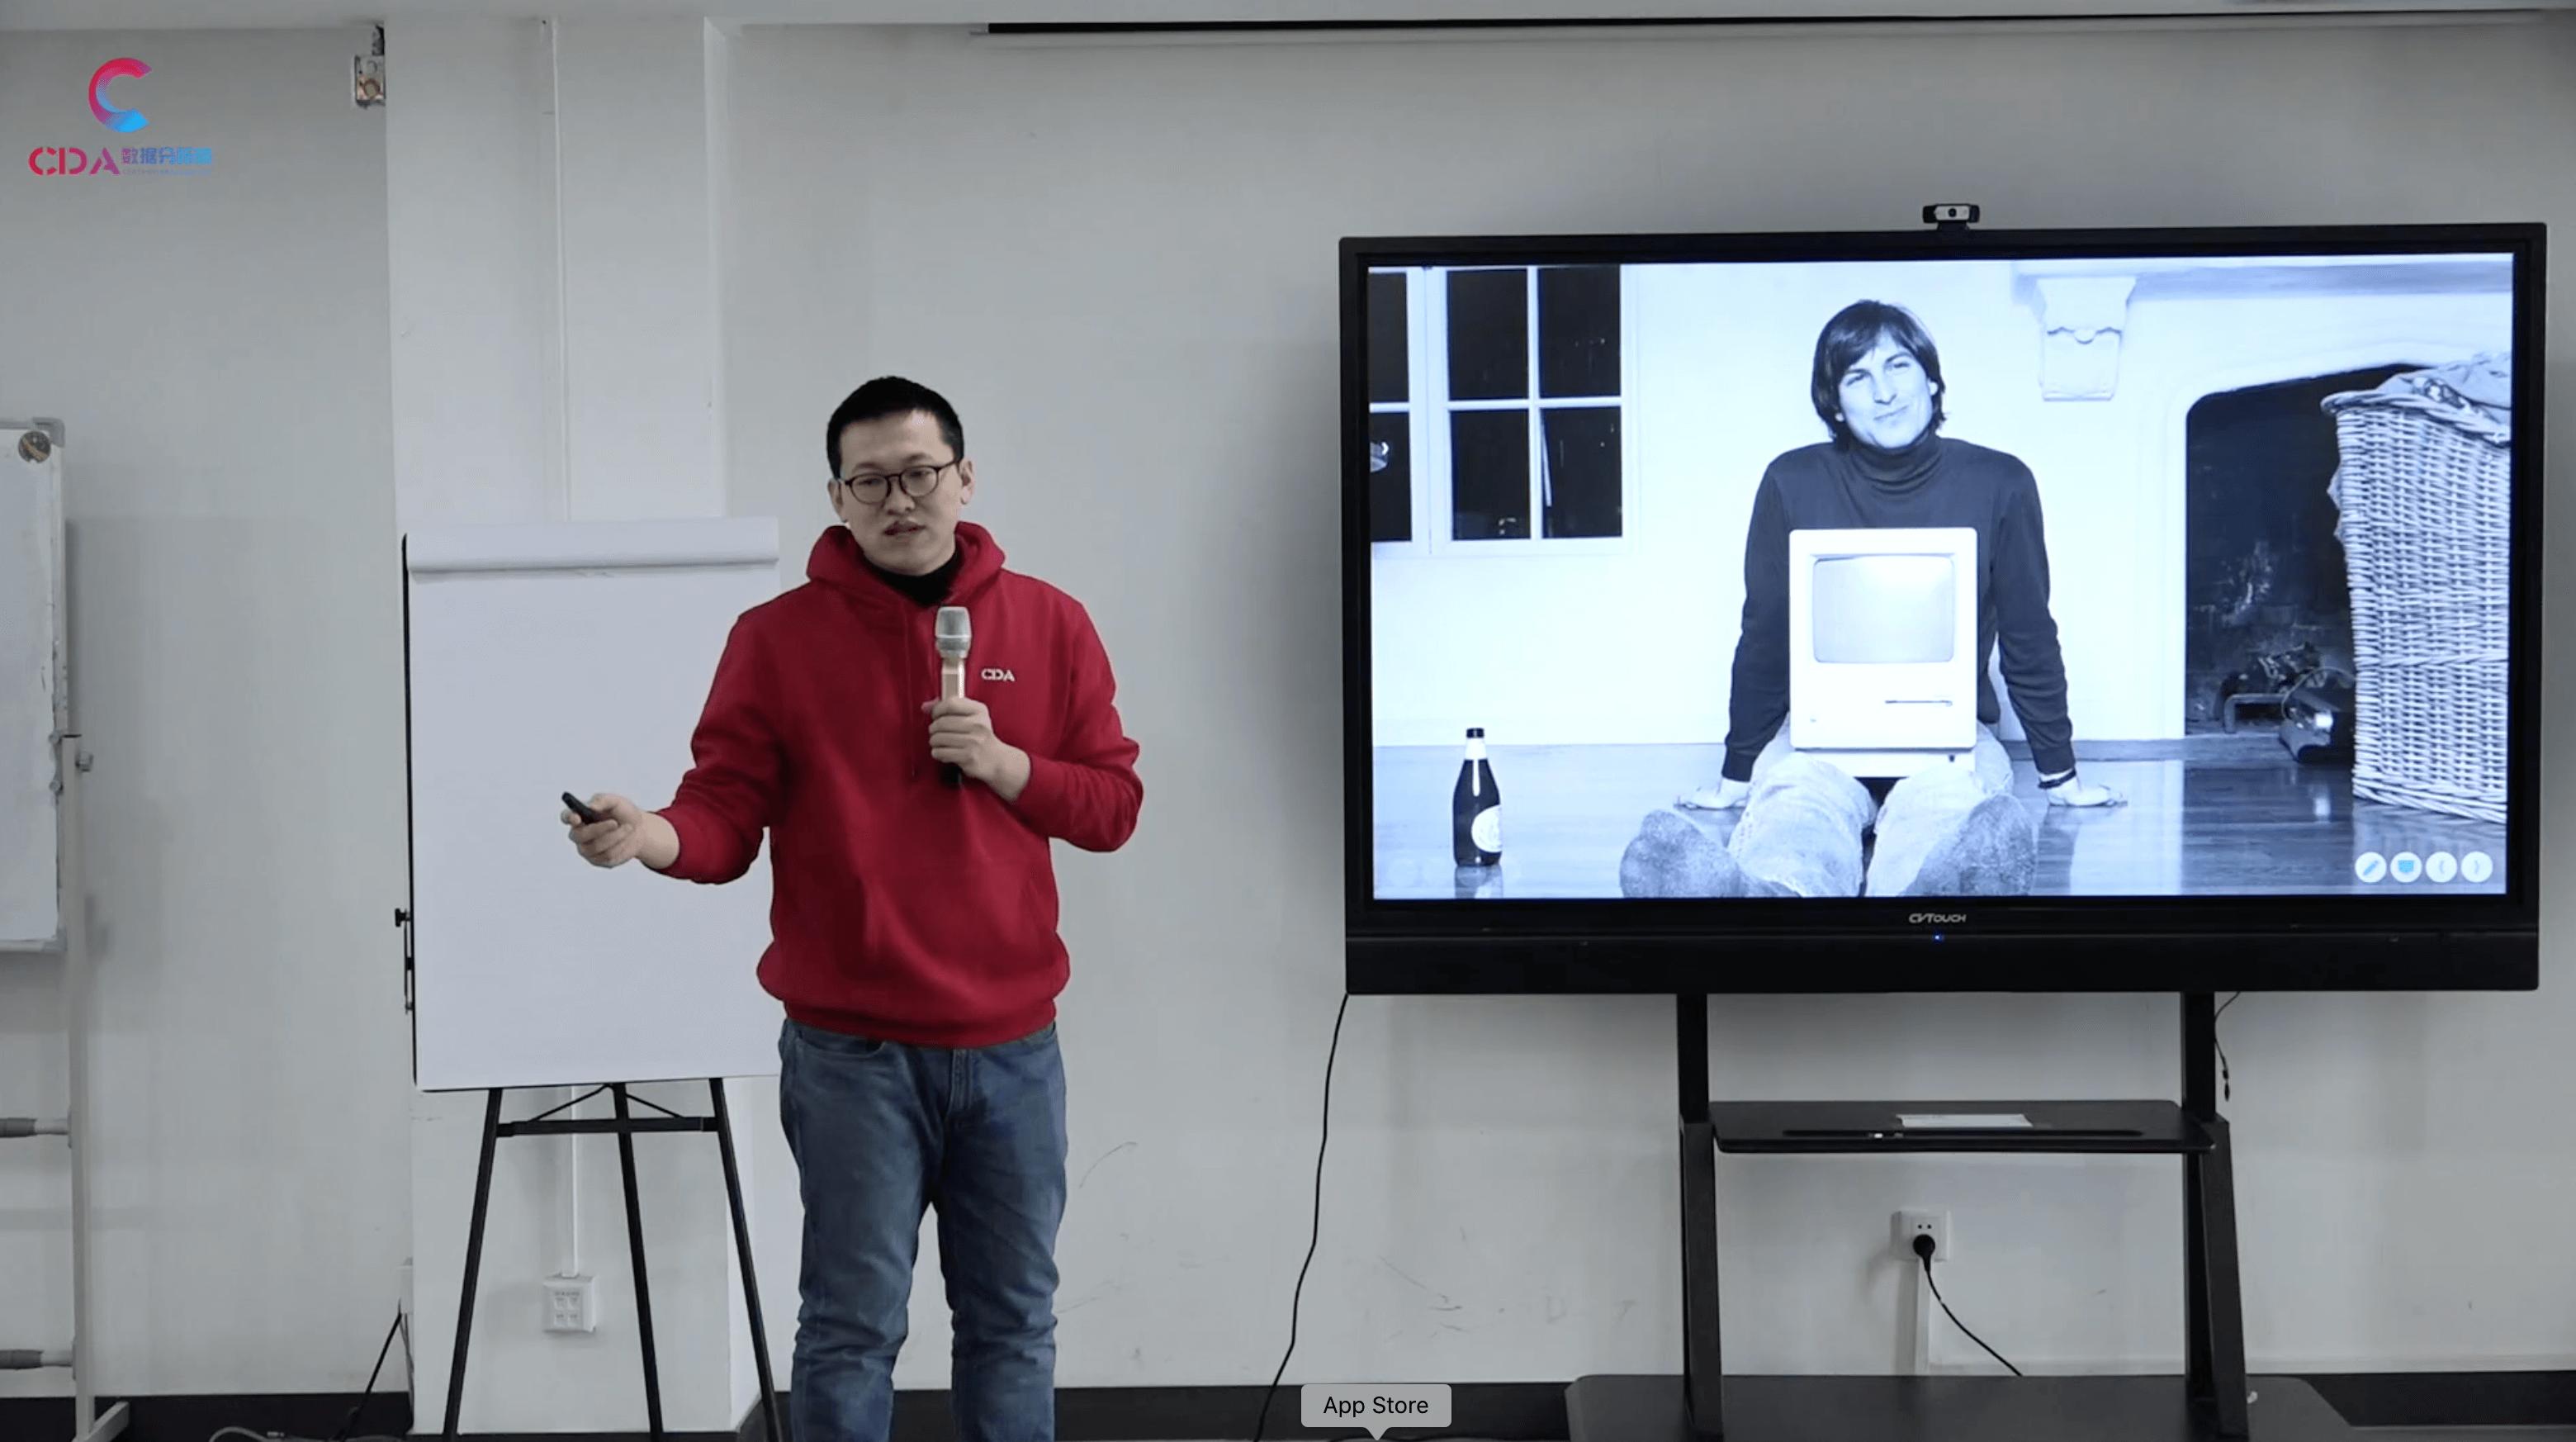 CDA公开课 |《 解读独角兽公司人工智能算法及数据驱动增长》北京完美落幕